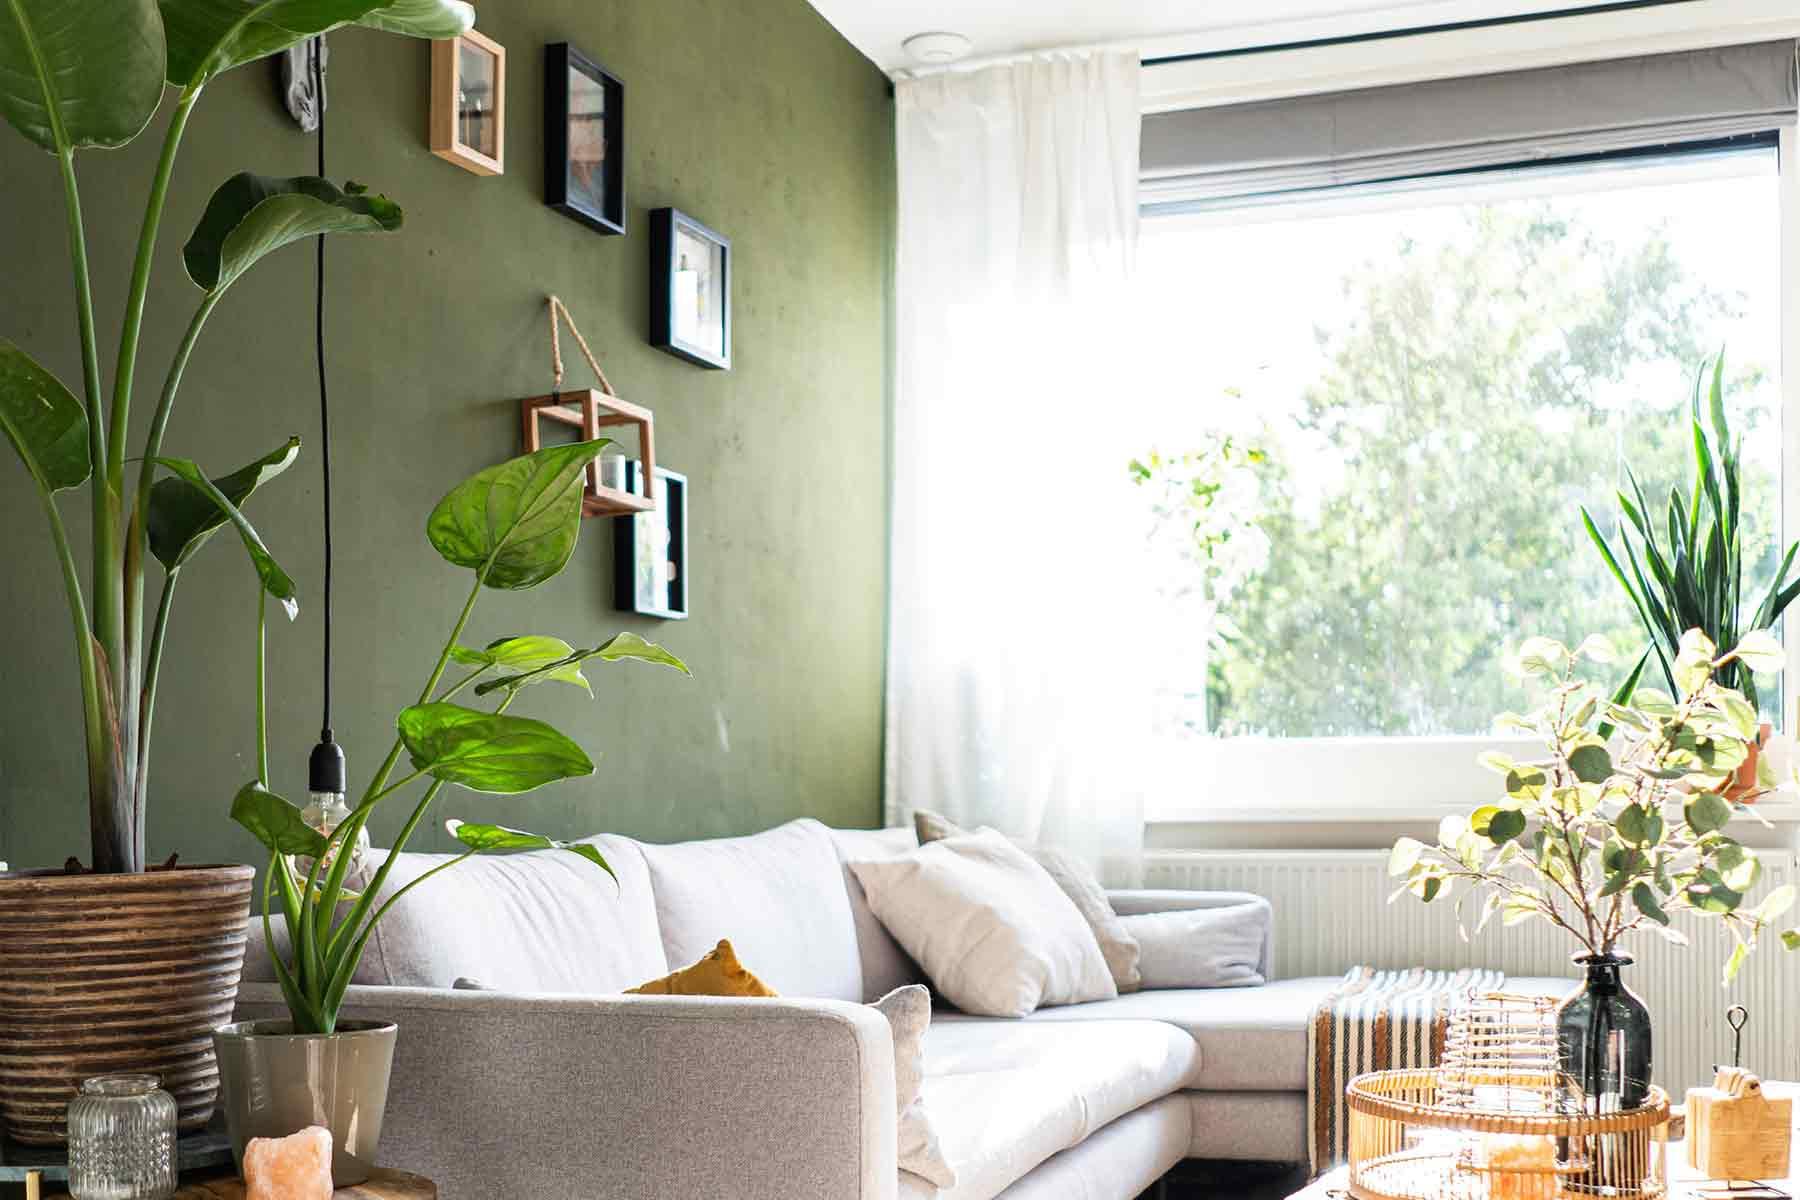 Dekorasi tanaman daun lebar untuk ruang tamu, foto oleh Jane Duursma, via unsplash.com